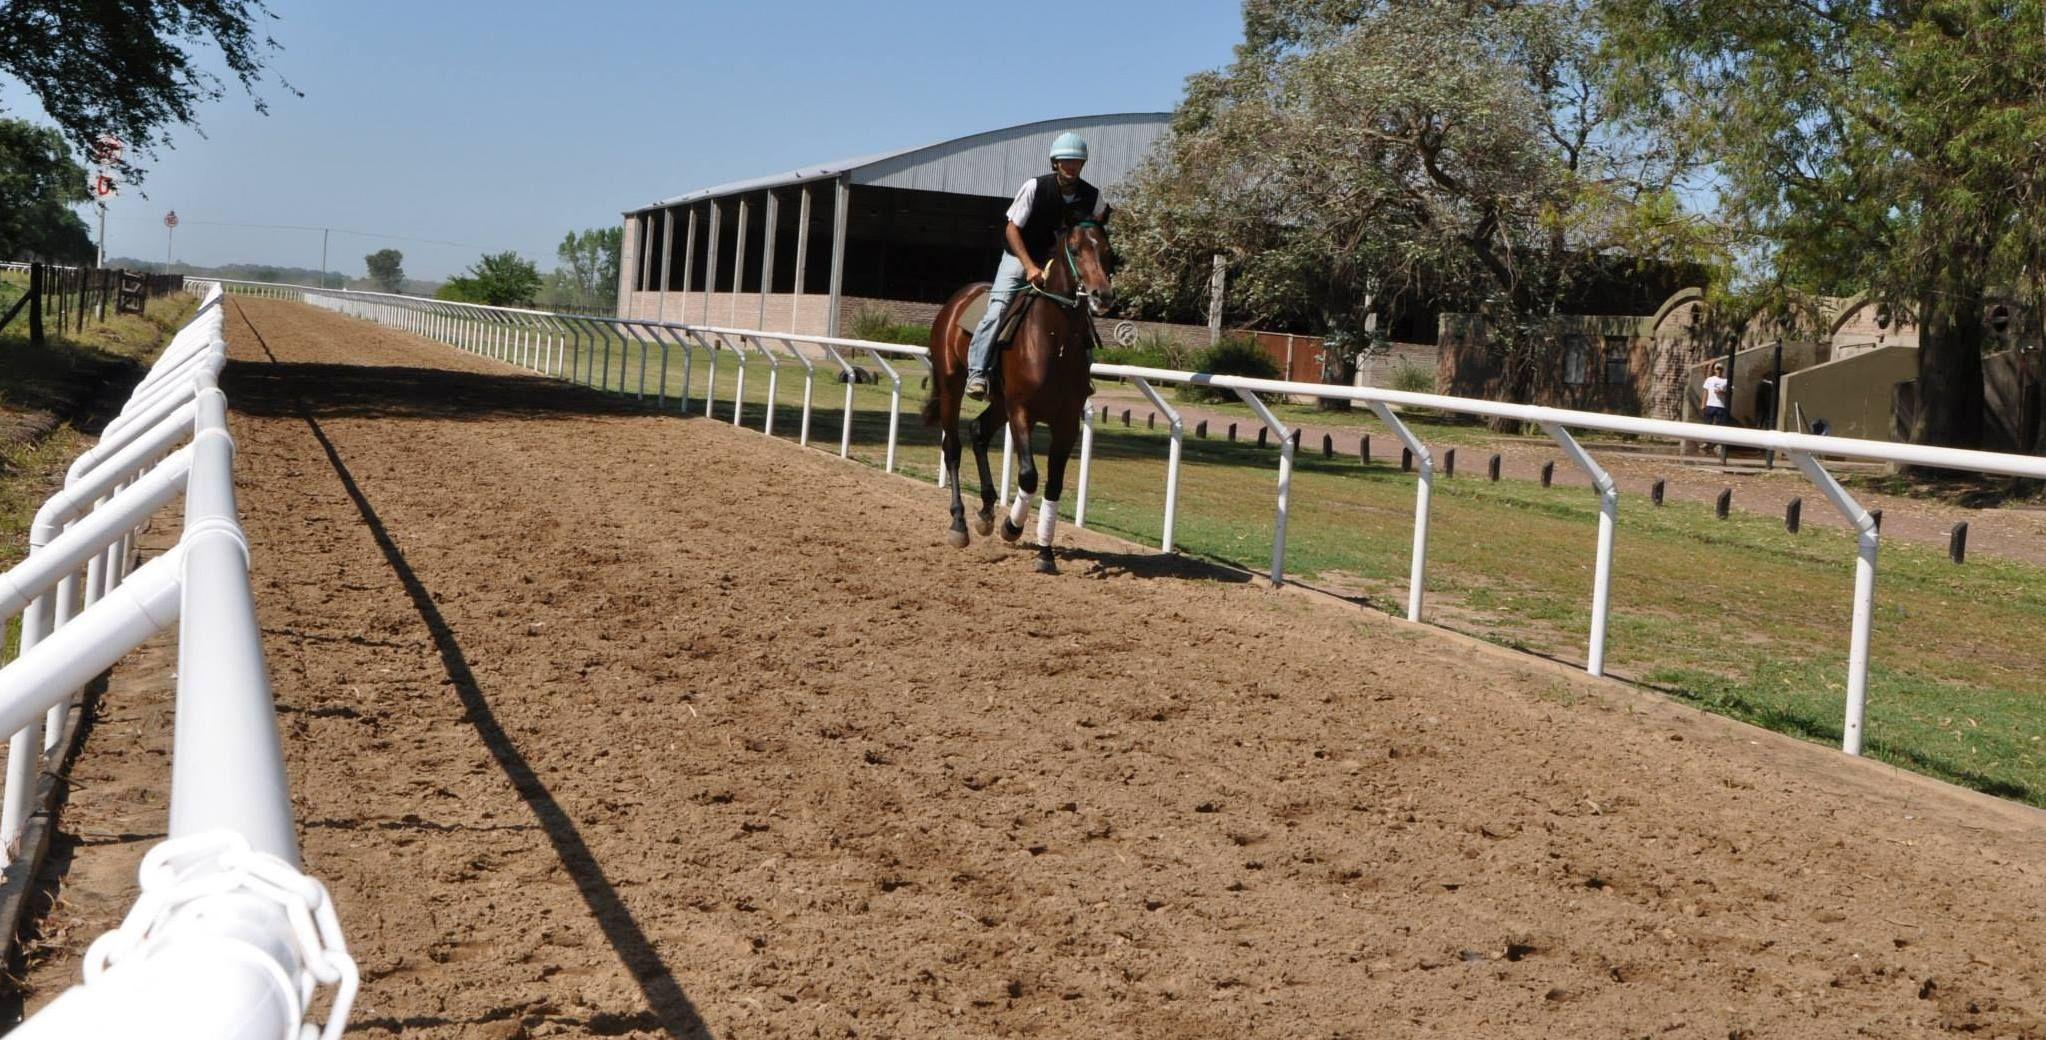 servicio de vareo, training y pre training caballos de carrera SPC                                                                                                                                                     Más